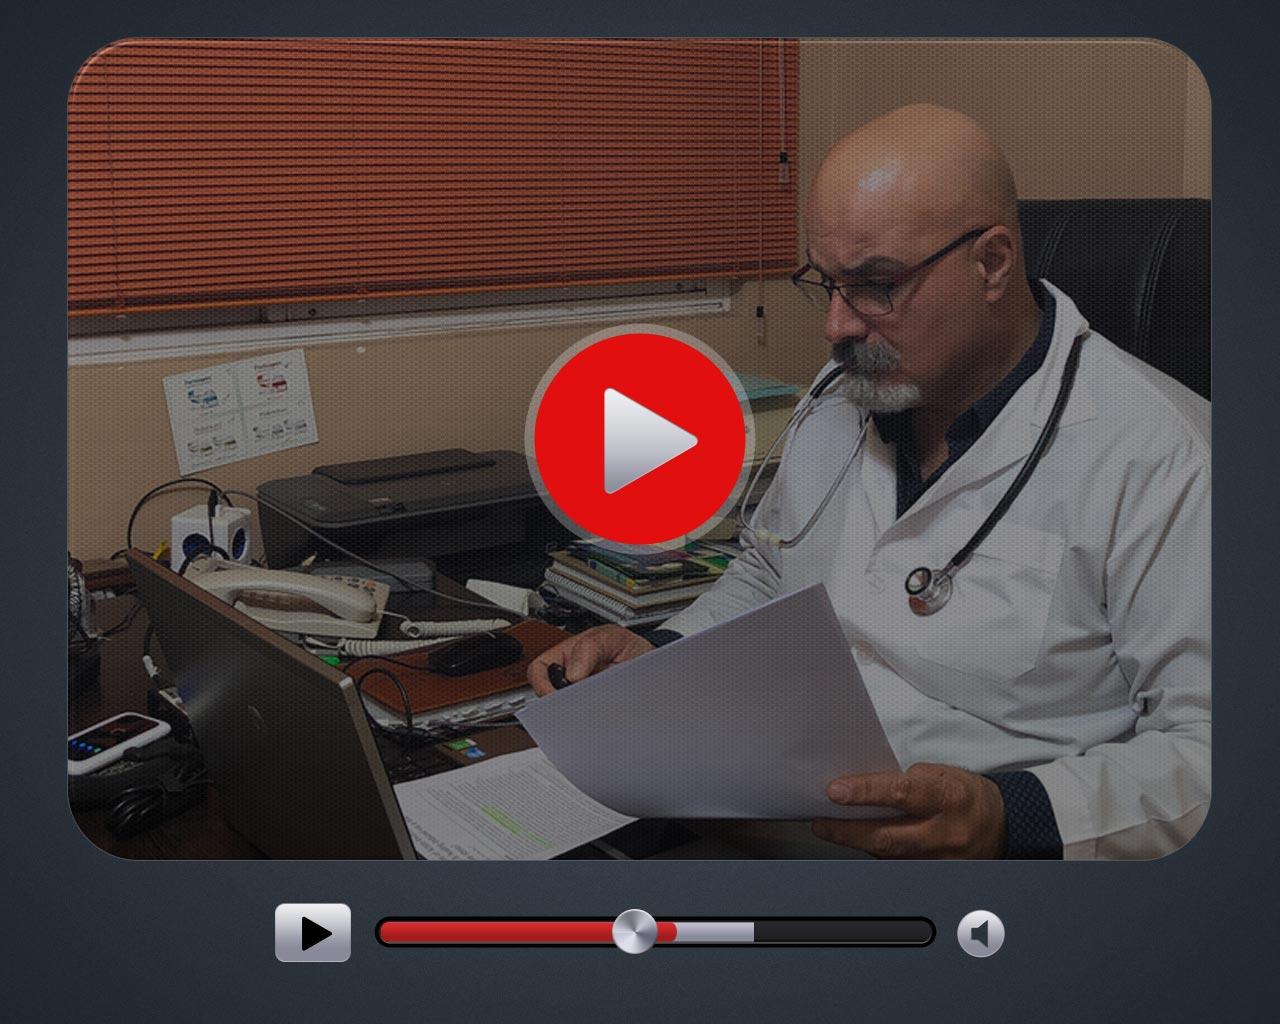 ازون تراپی در درمان بیماریهای خود ایمنی